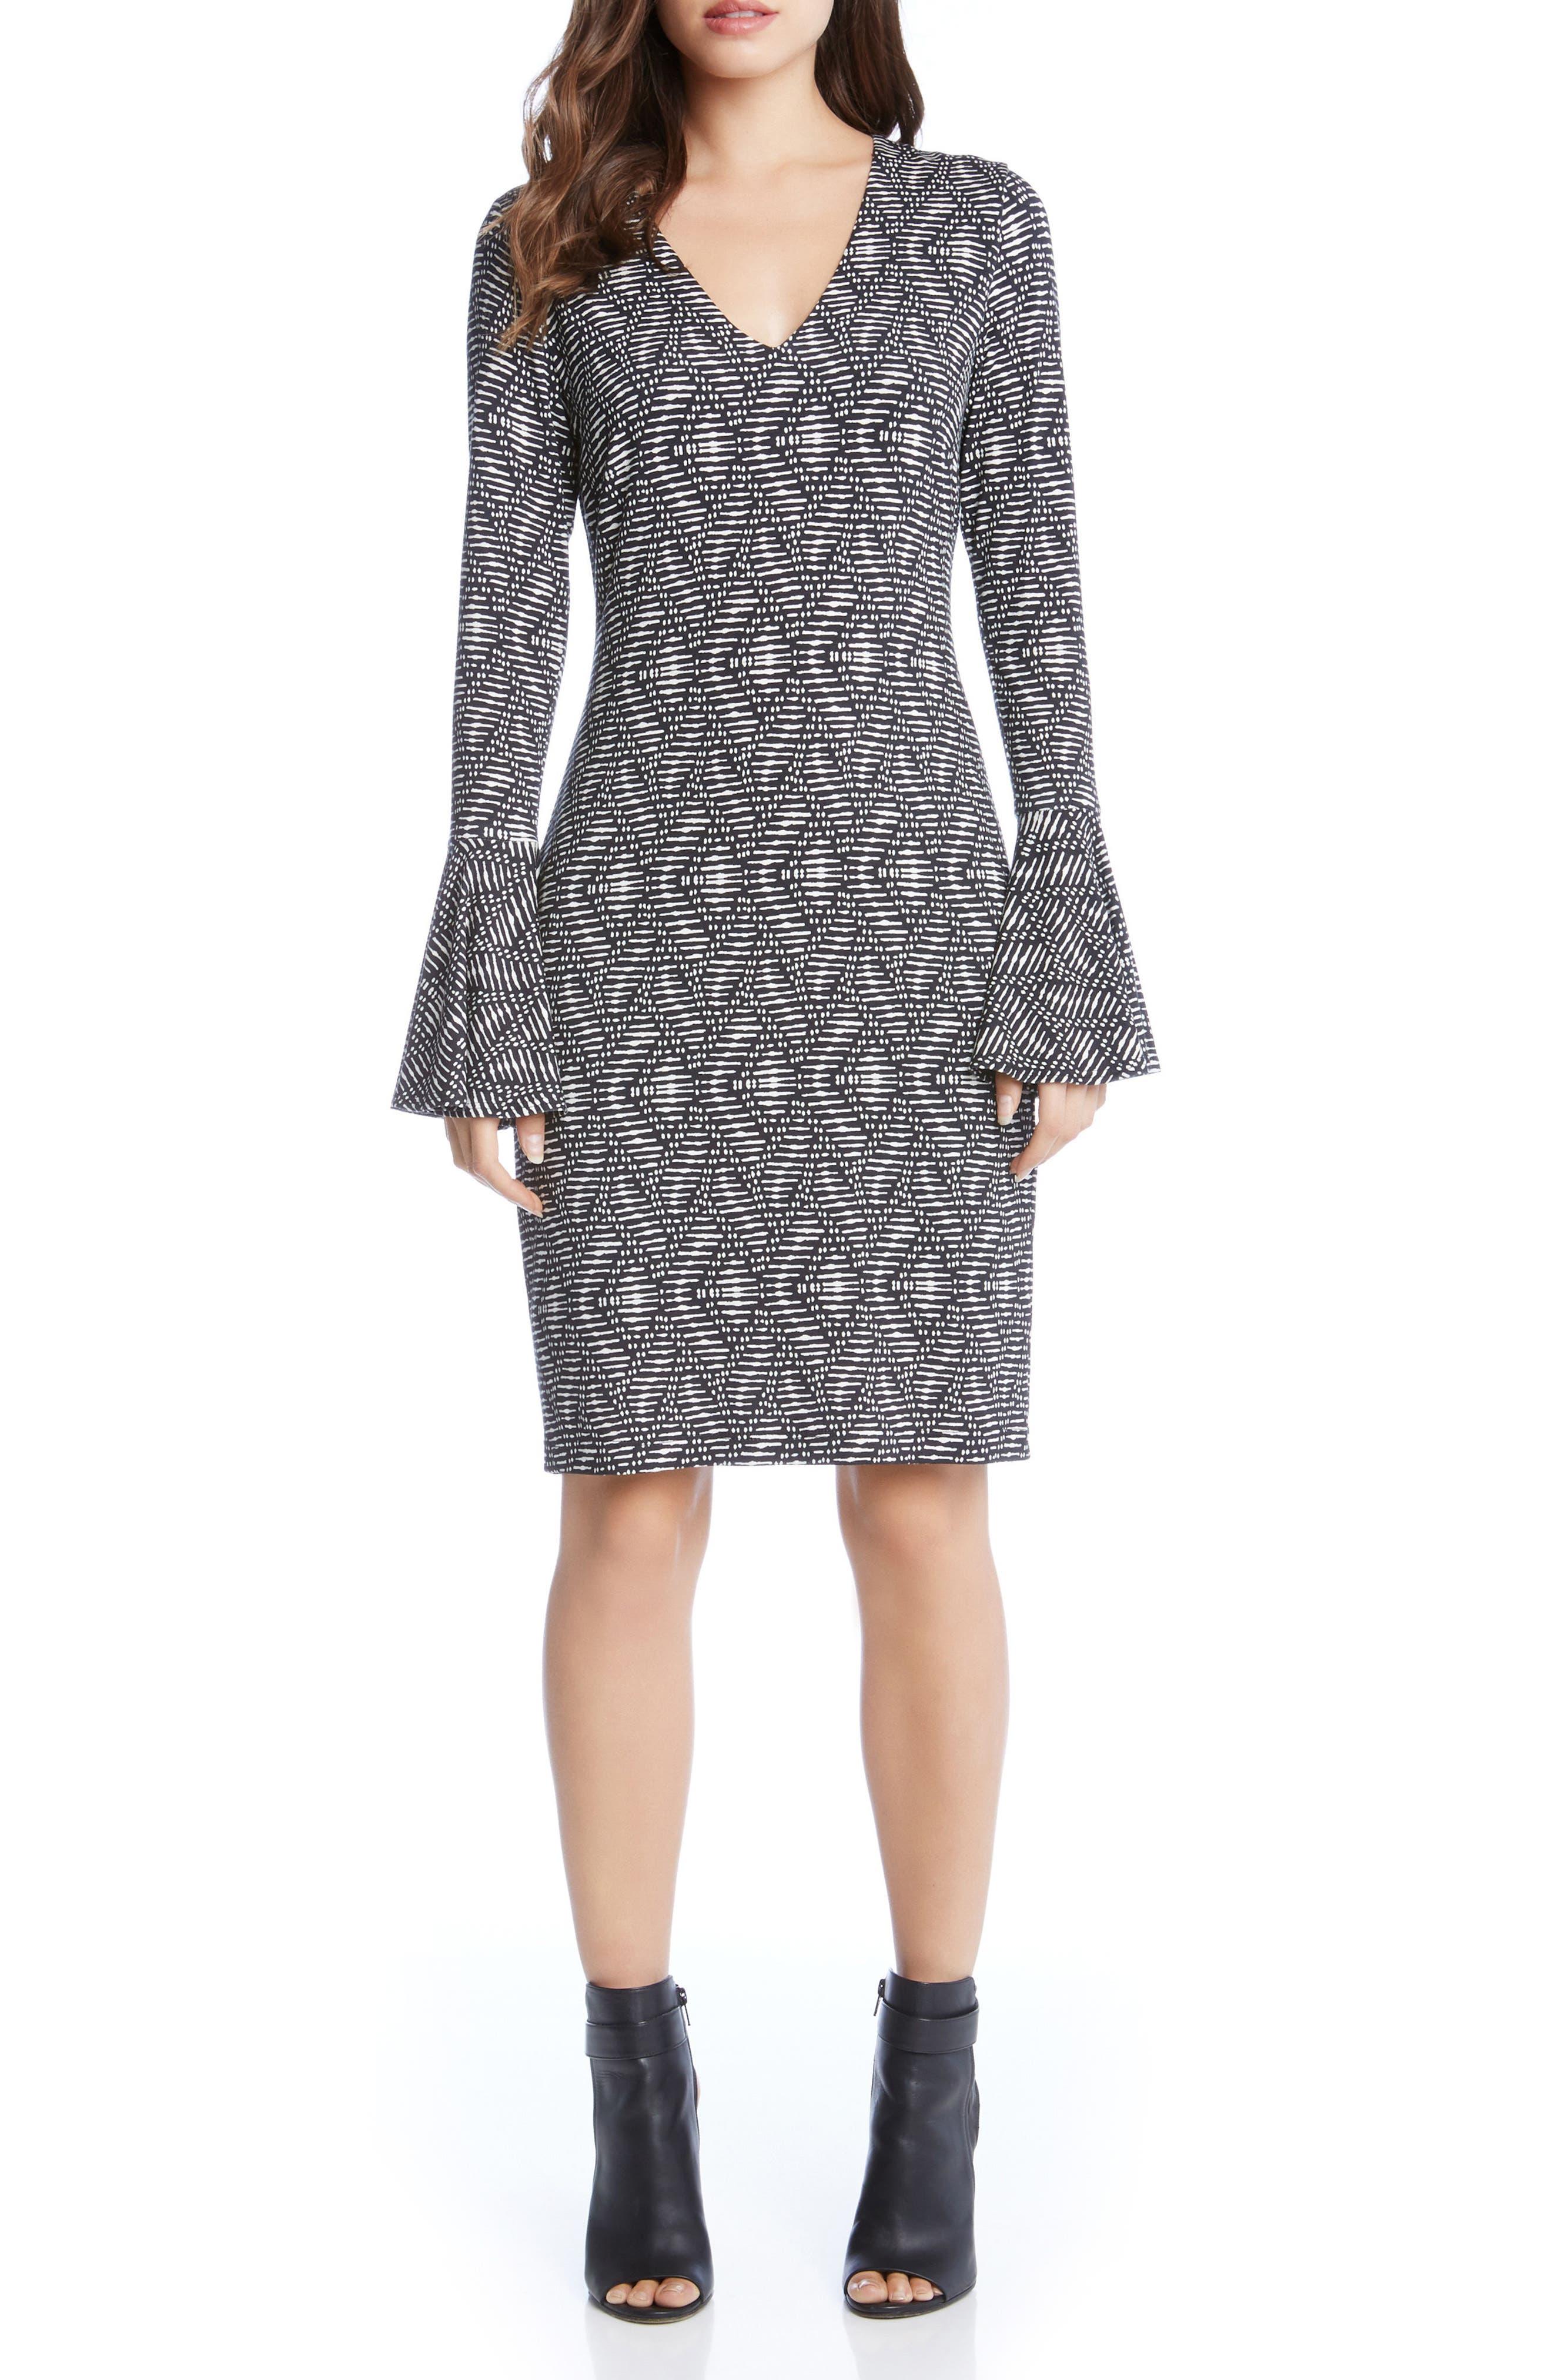 Alternate Image 1 Selected - Karen Kane Print Bell Sleeve Dress